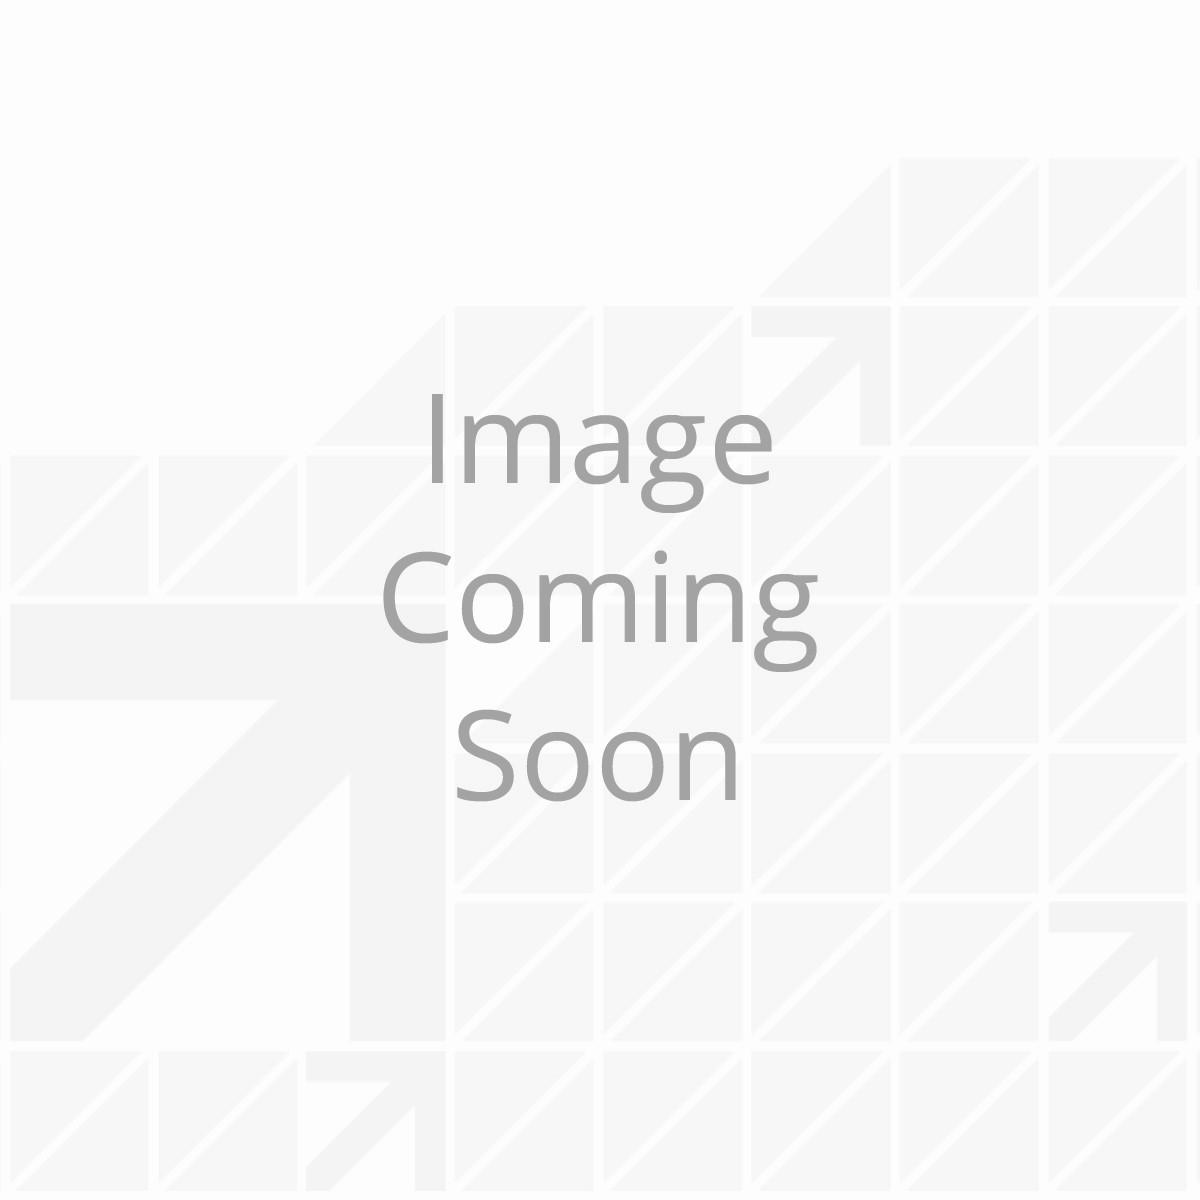 Thomas Payne® Mattress Protector - King